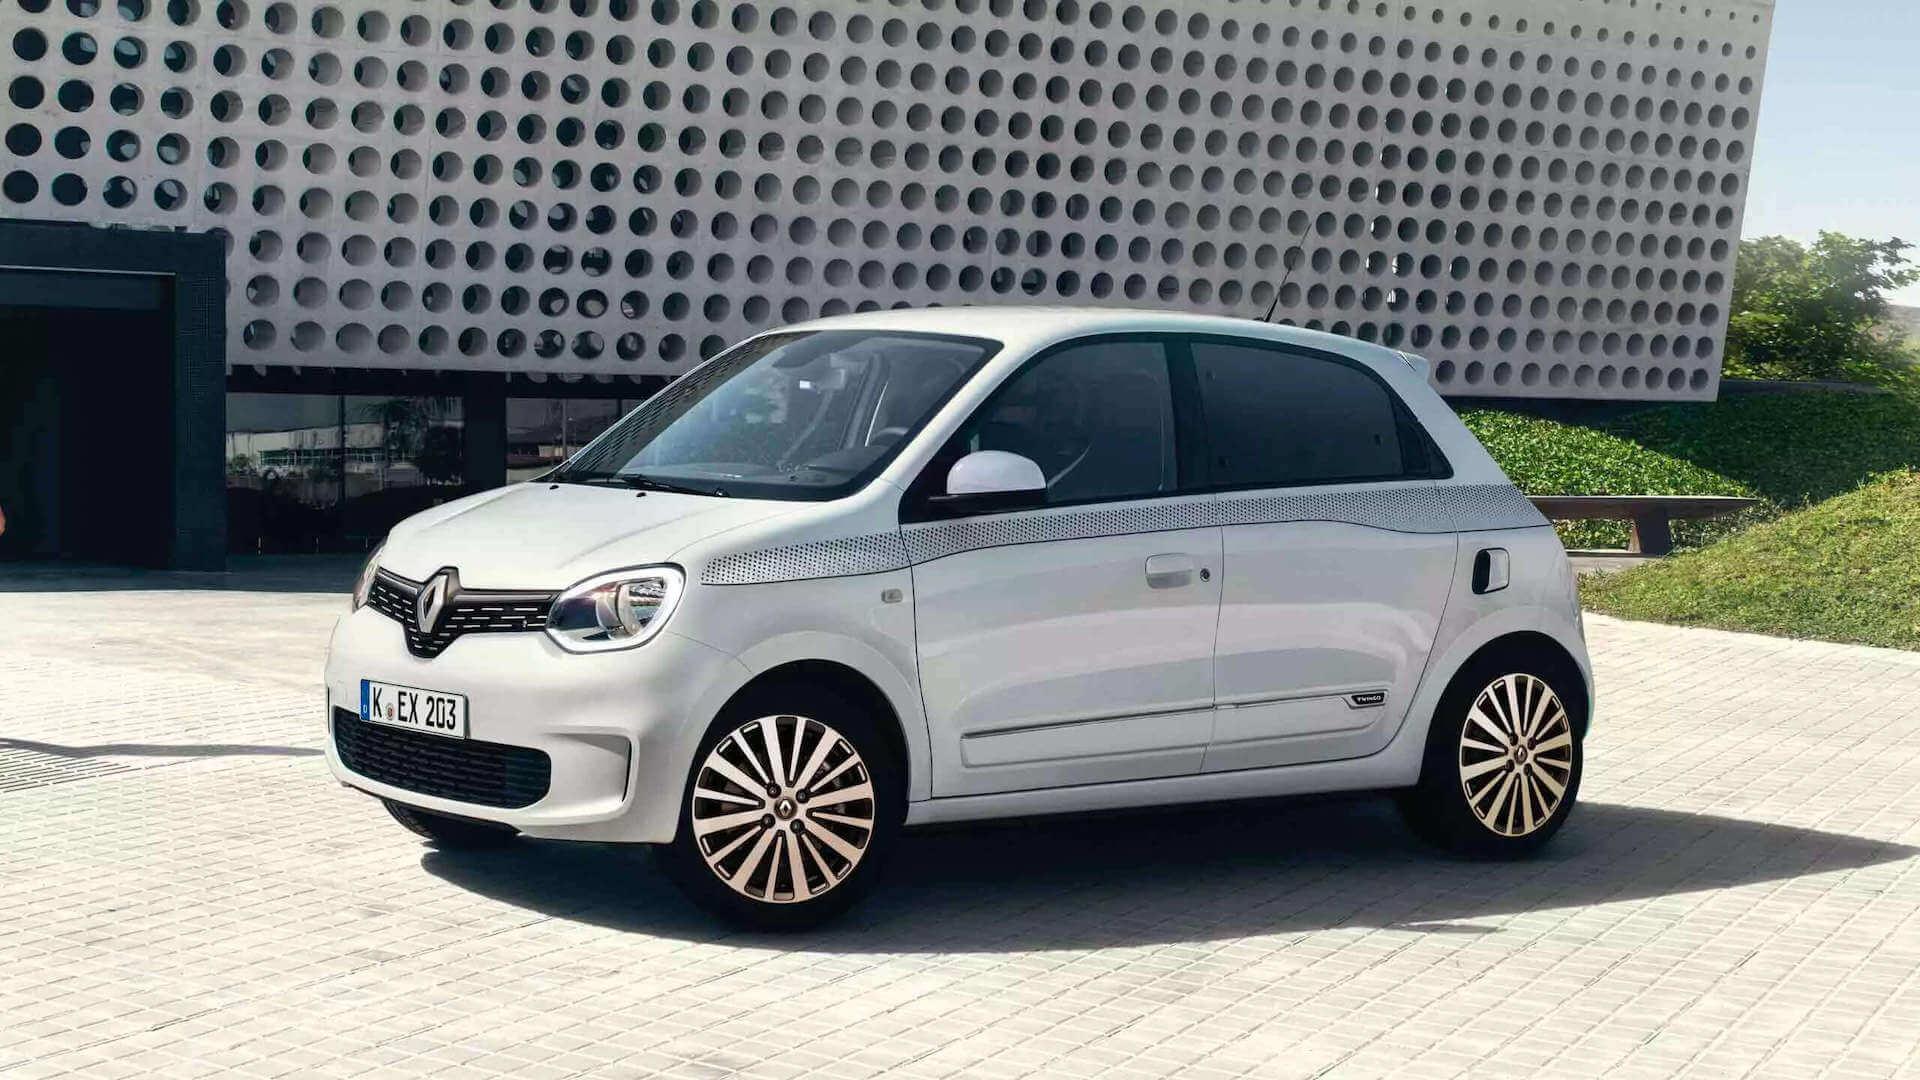 Weißes auto steht vor einem Gebäude - Renault Twingo - Renault Ahrens Hannover